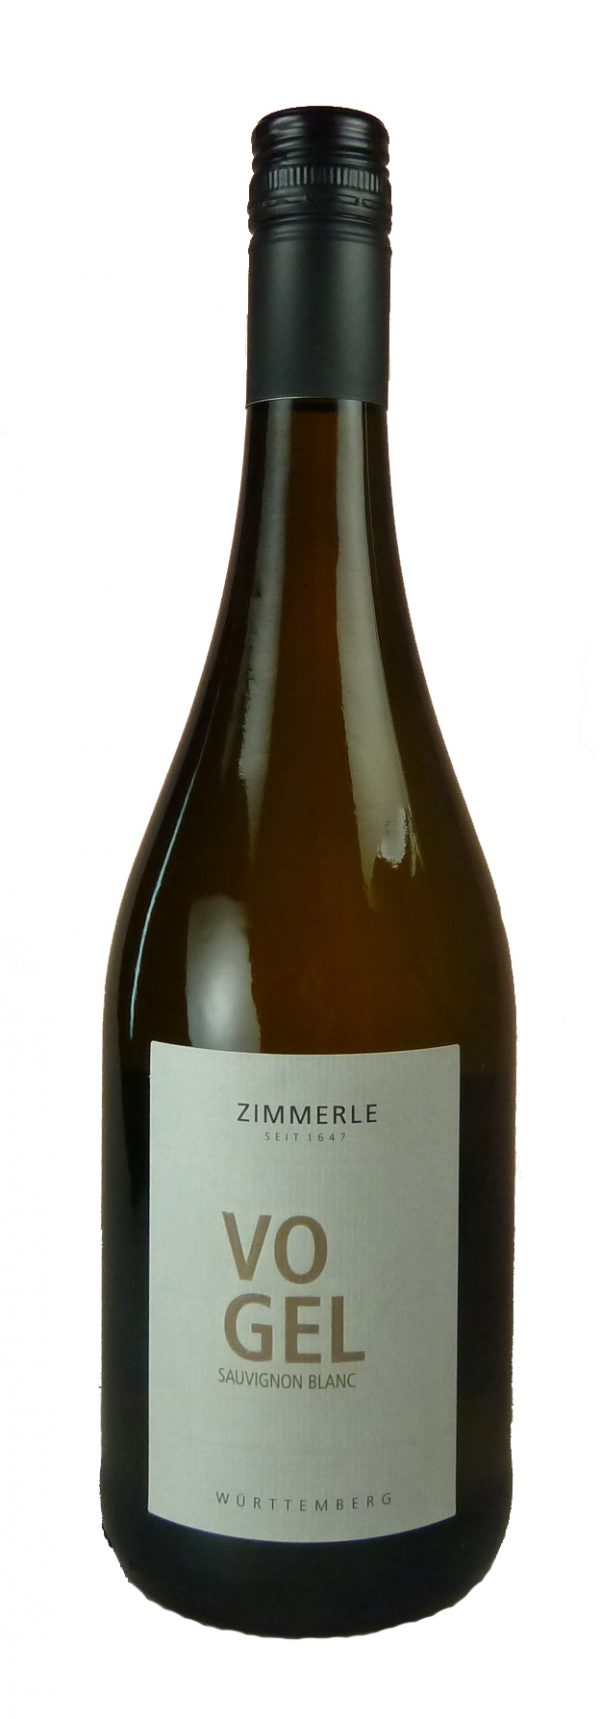 Vogel Sauvignon blanc Qualitätswein trocken 2017